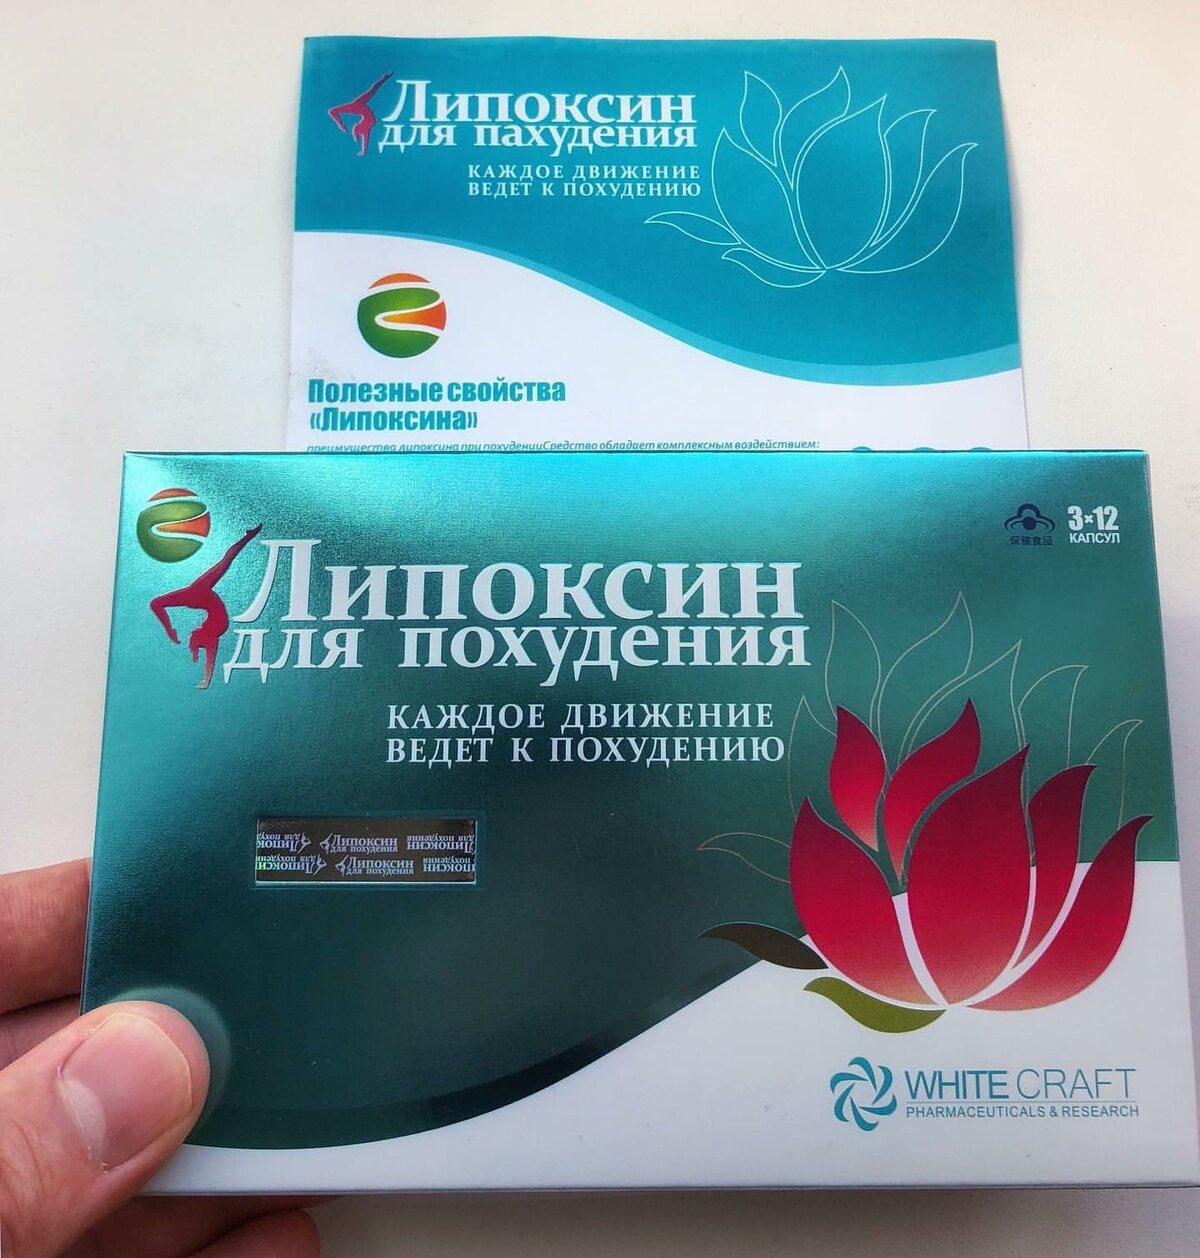 Средство для похудения Липоксин в НабережныхЧелнах